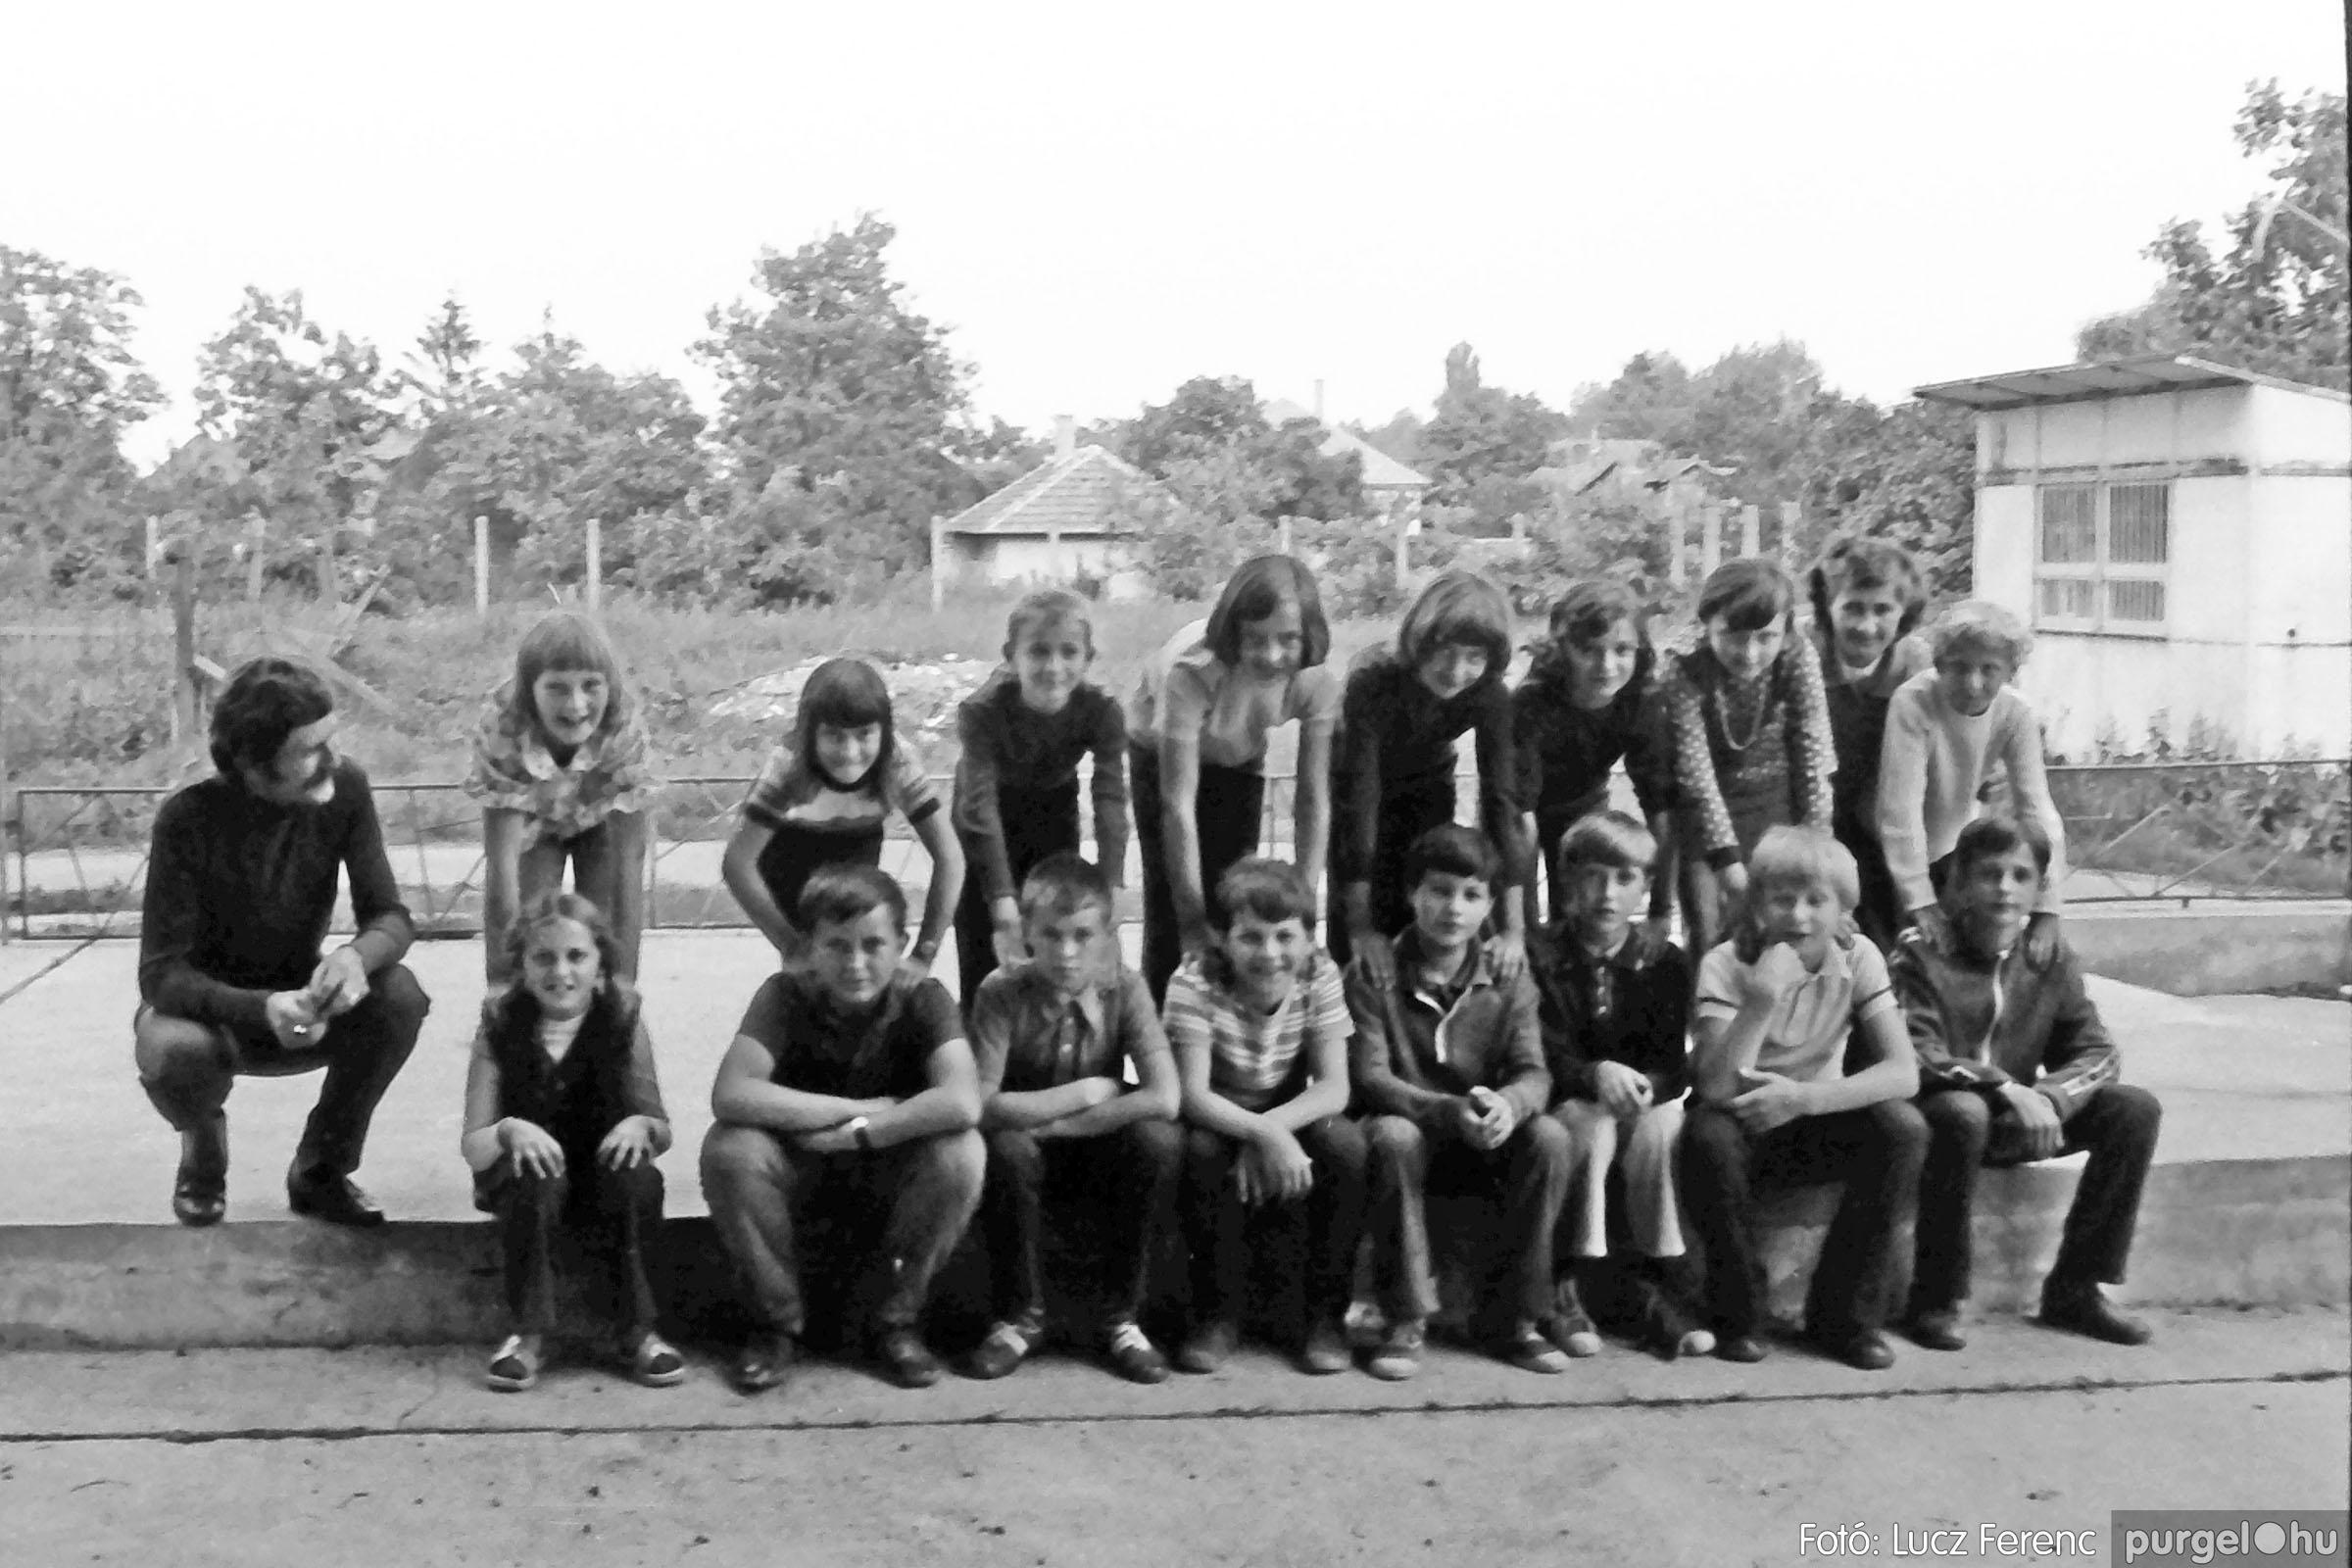 018-019 1975. Élet a kultúrházban 029 - Fotó: Lucz Ferenc IMG00076q.jpg